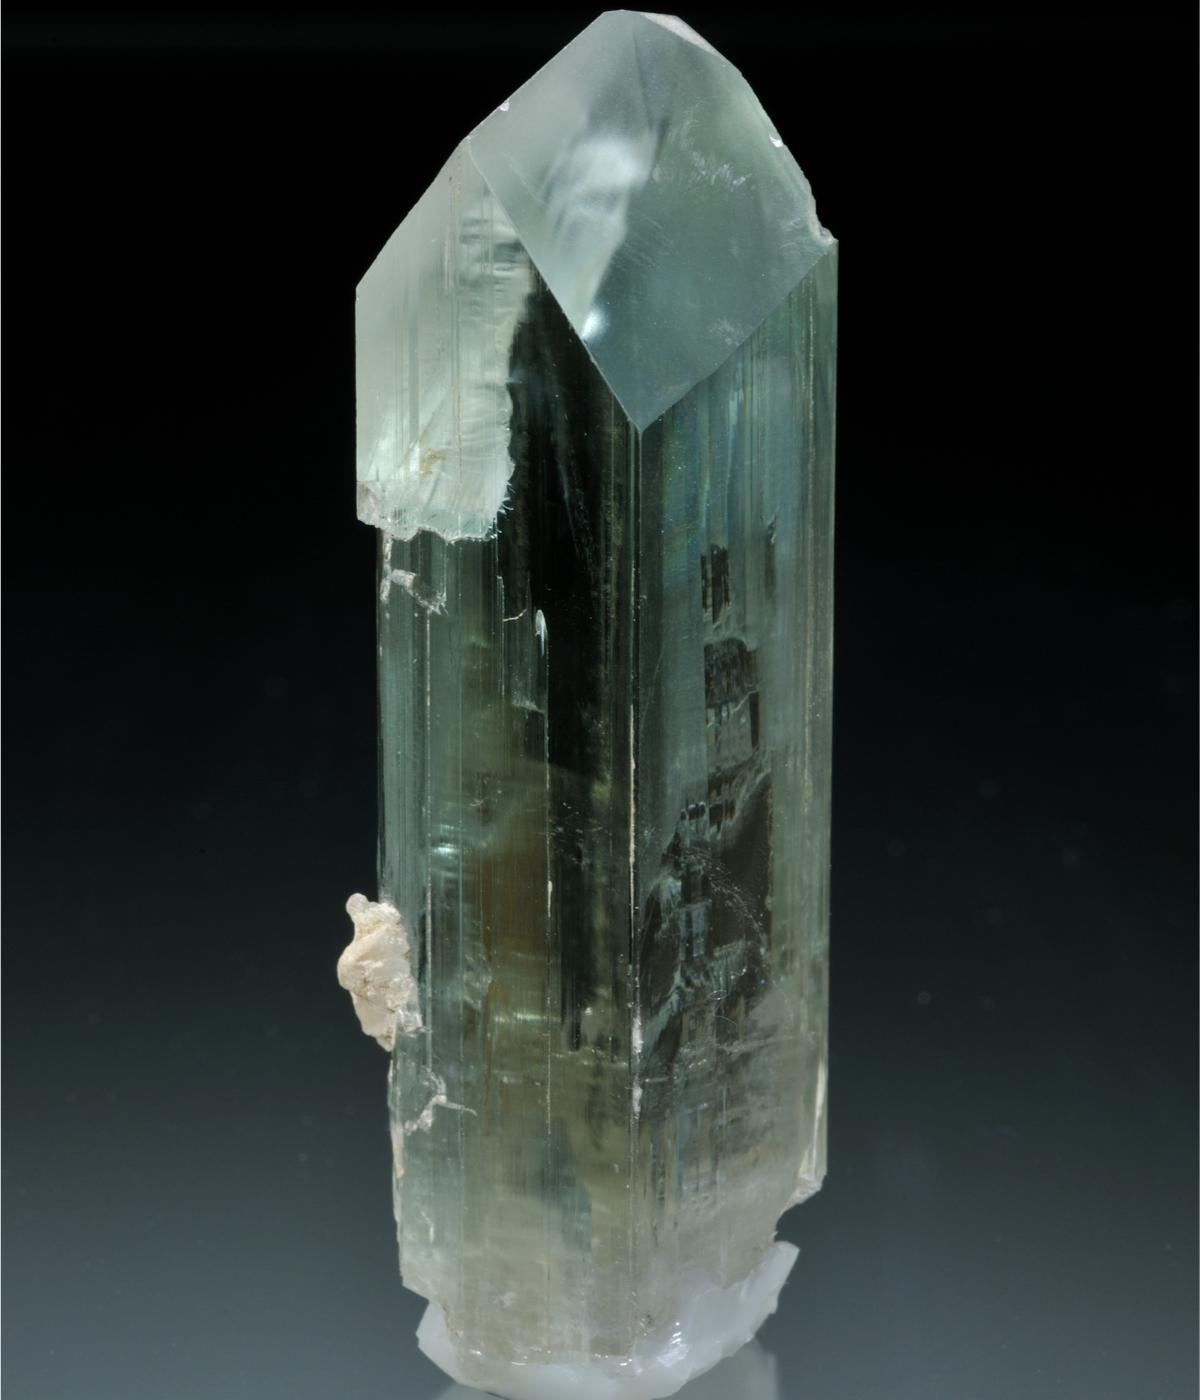 ヒデナイト 結晶